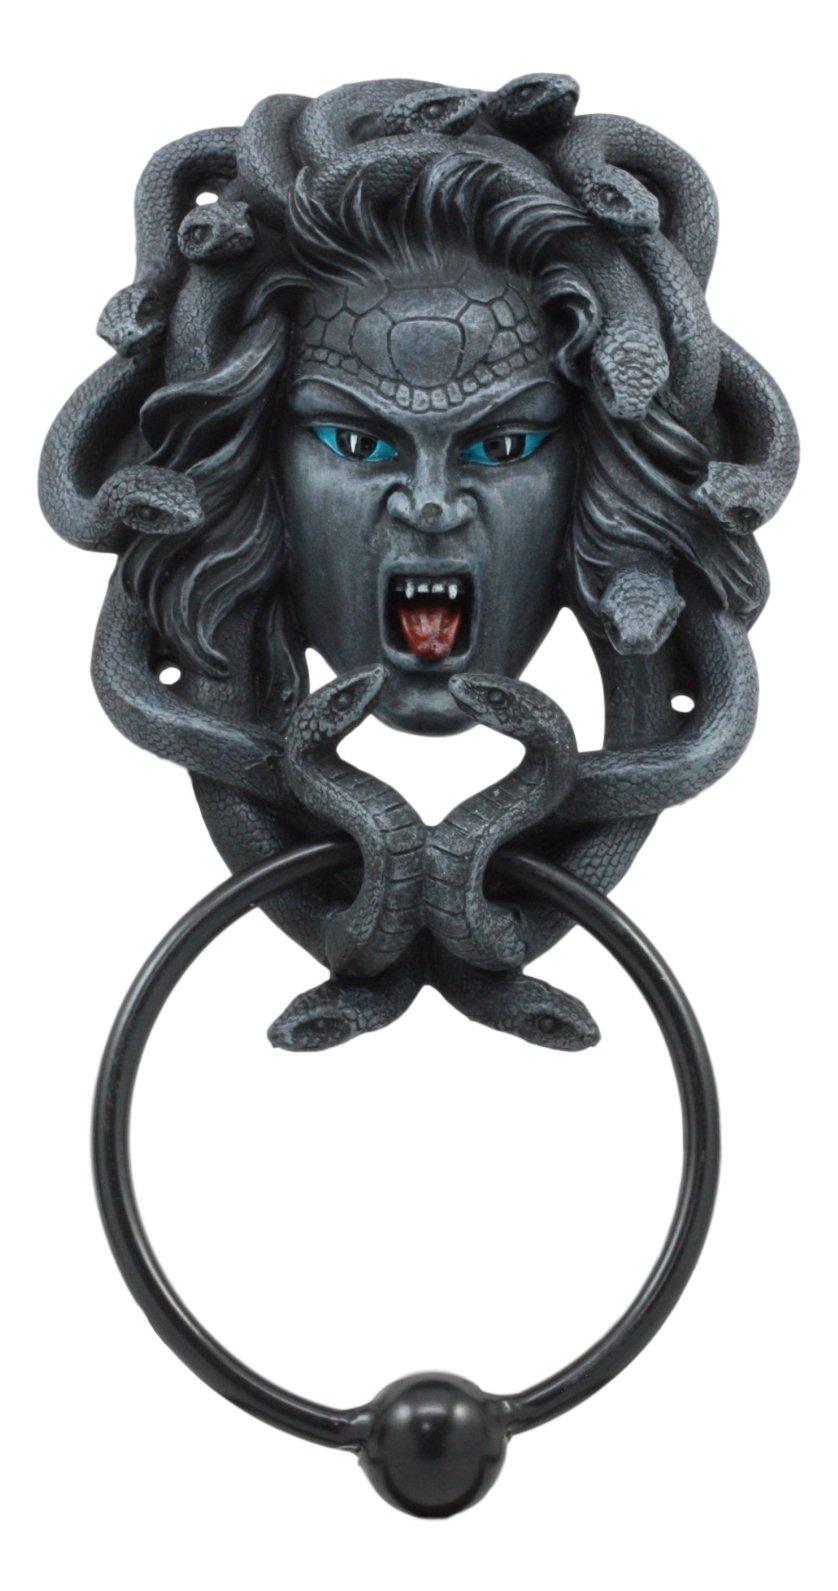 Ebros Faux Stone Severed Head Of Medusa Door Knocker Figurine Greek Goddess Medusa Gorgon Sister Stone Gaze Home Decor